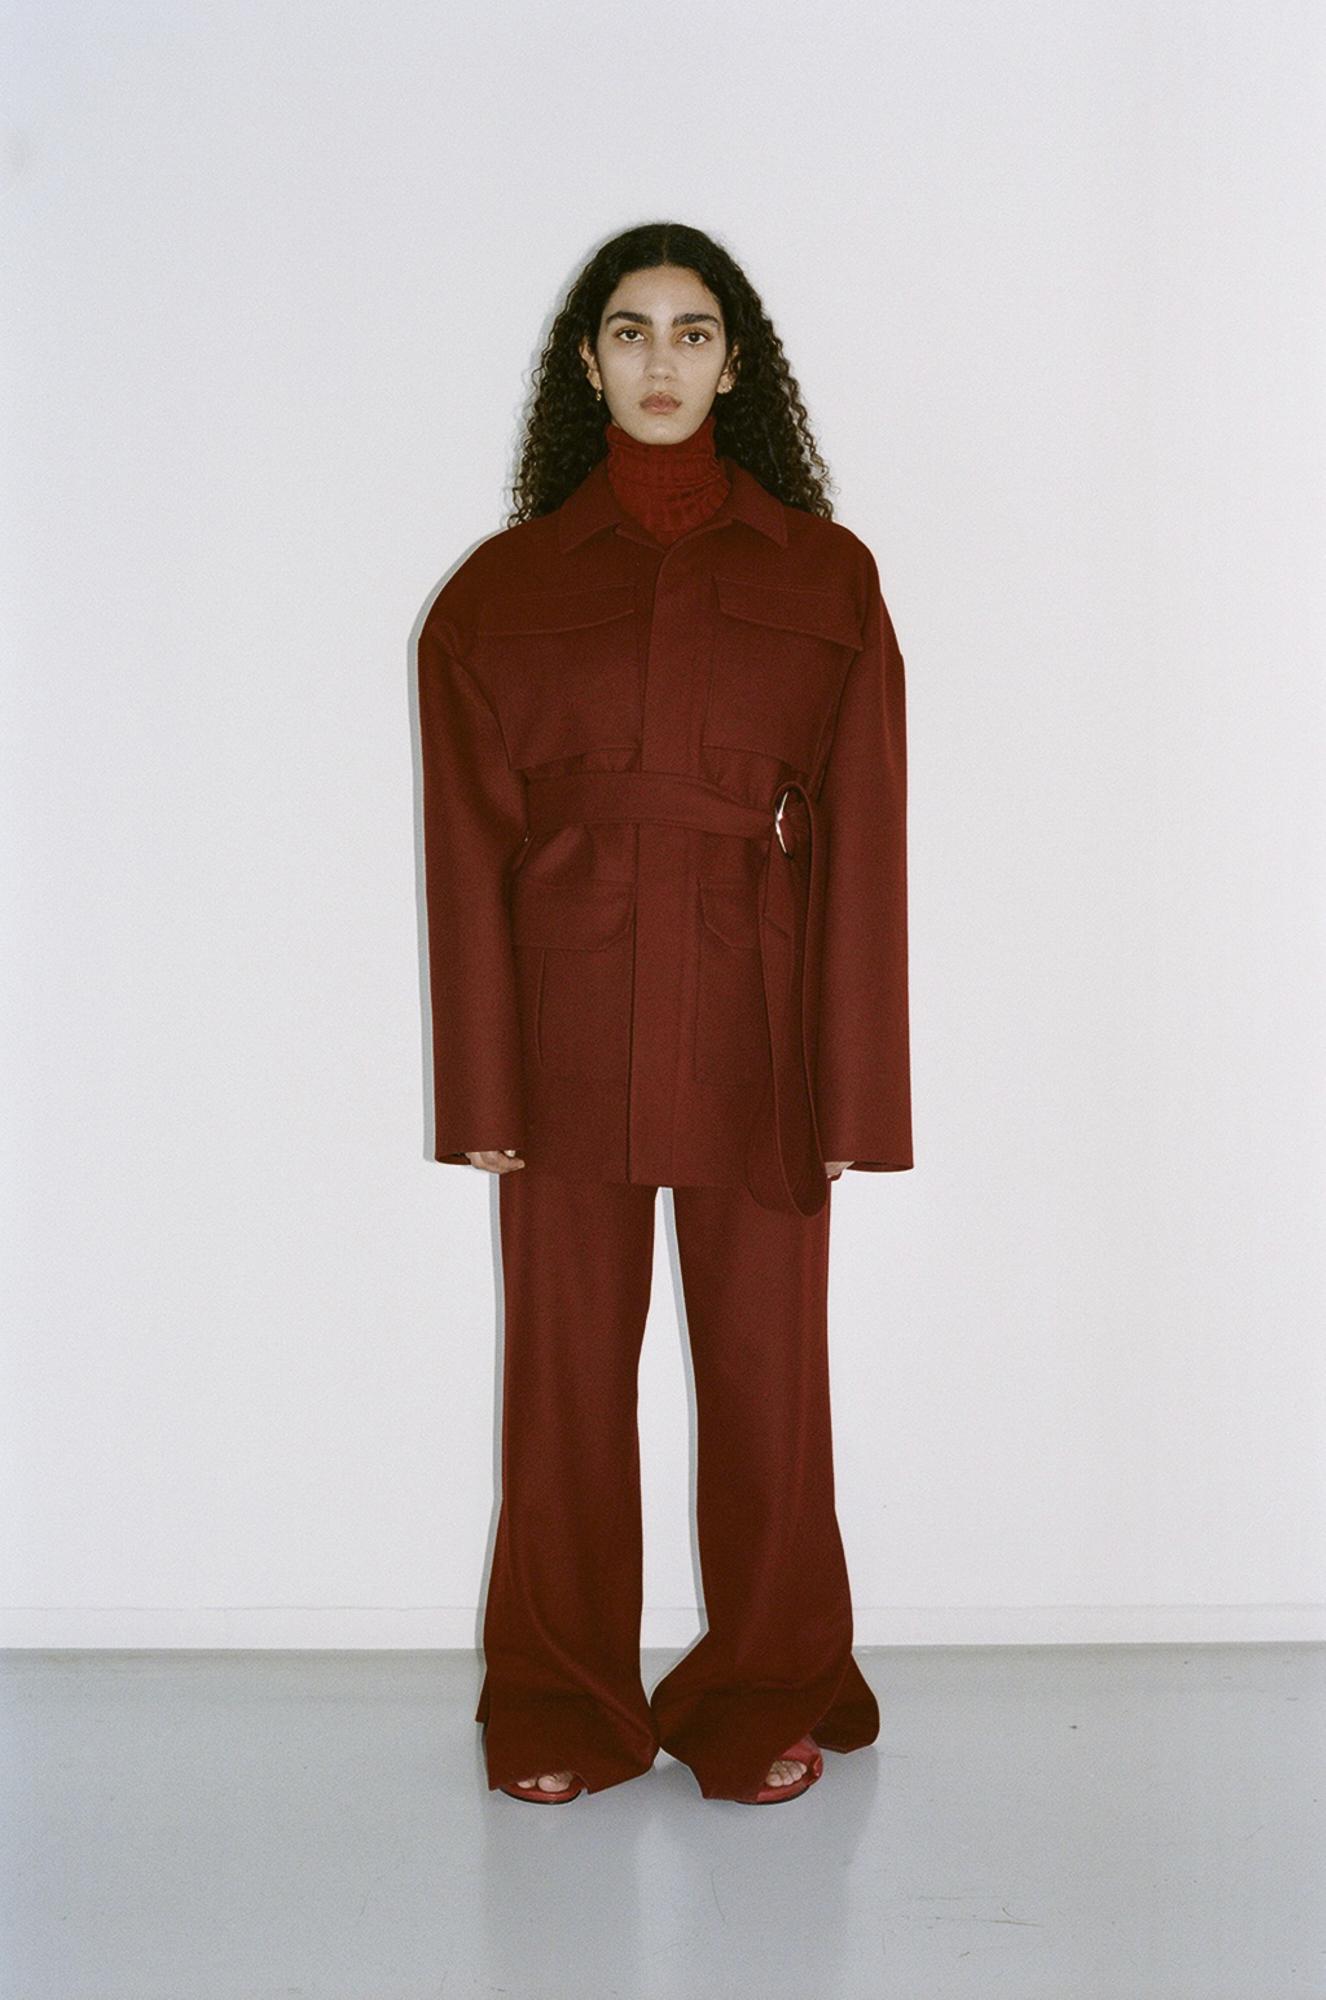 GAUCHERE Fall Winter 2021 Paris Fashion Week LOOK 10 Coat TEONA, Top TOMOKO, Trousers TAPIO, Shoes PILLOW